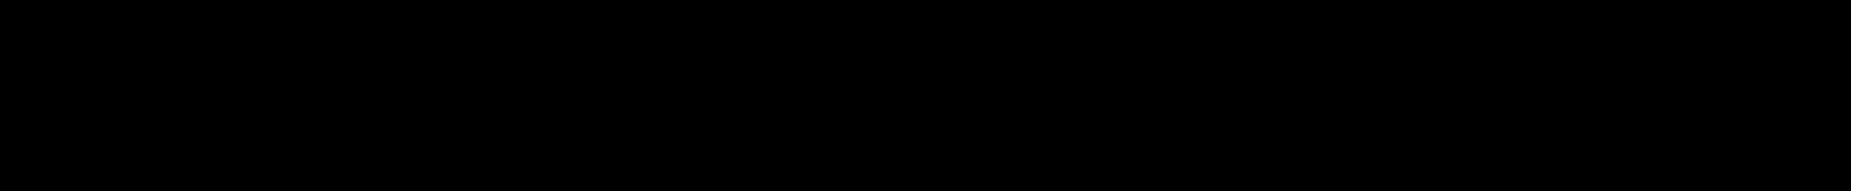 Arquitecta Light Italic